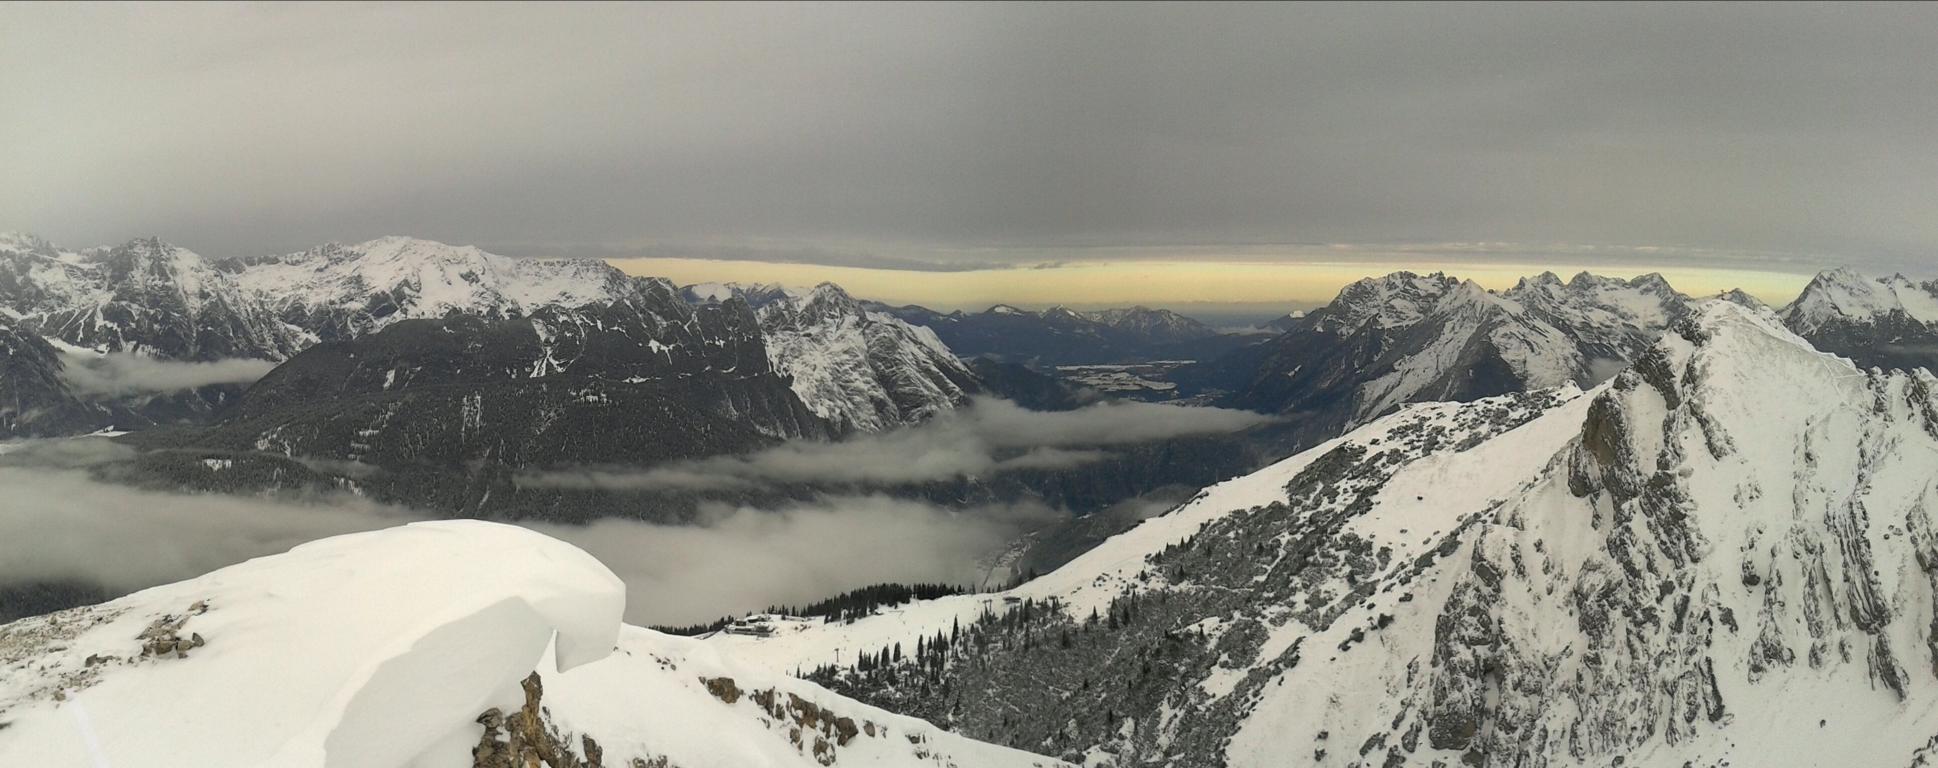 Härmelekopf, 2223 m